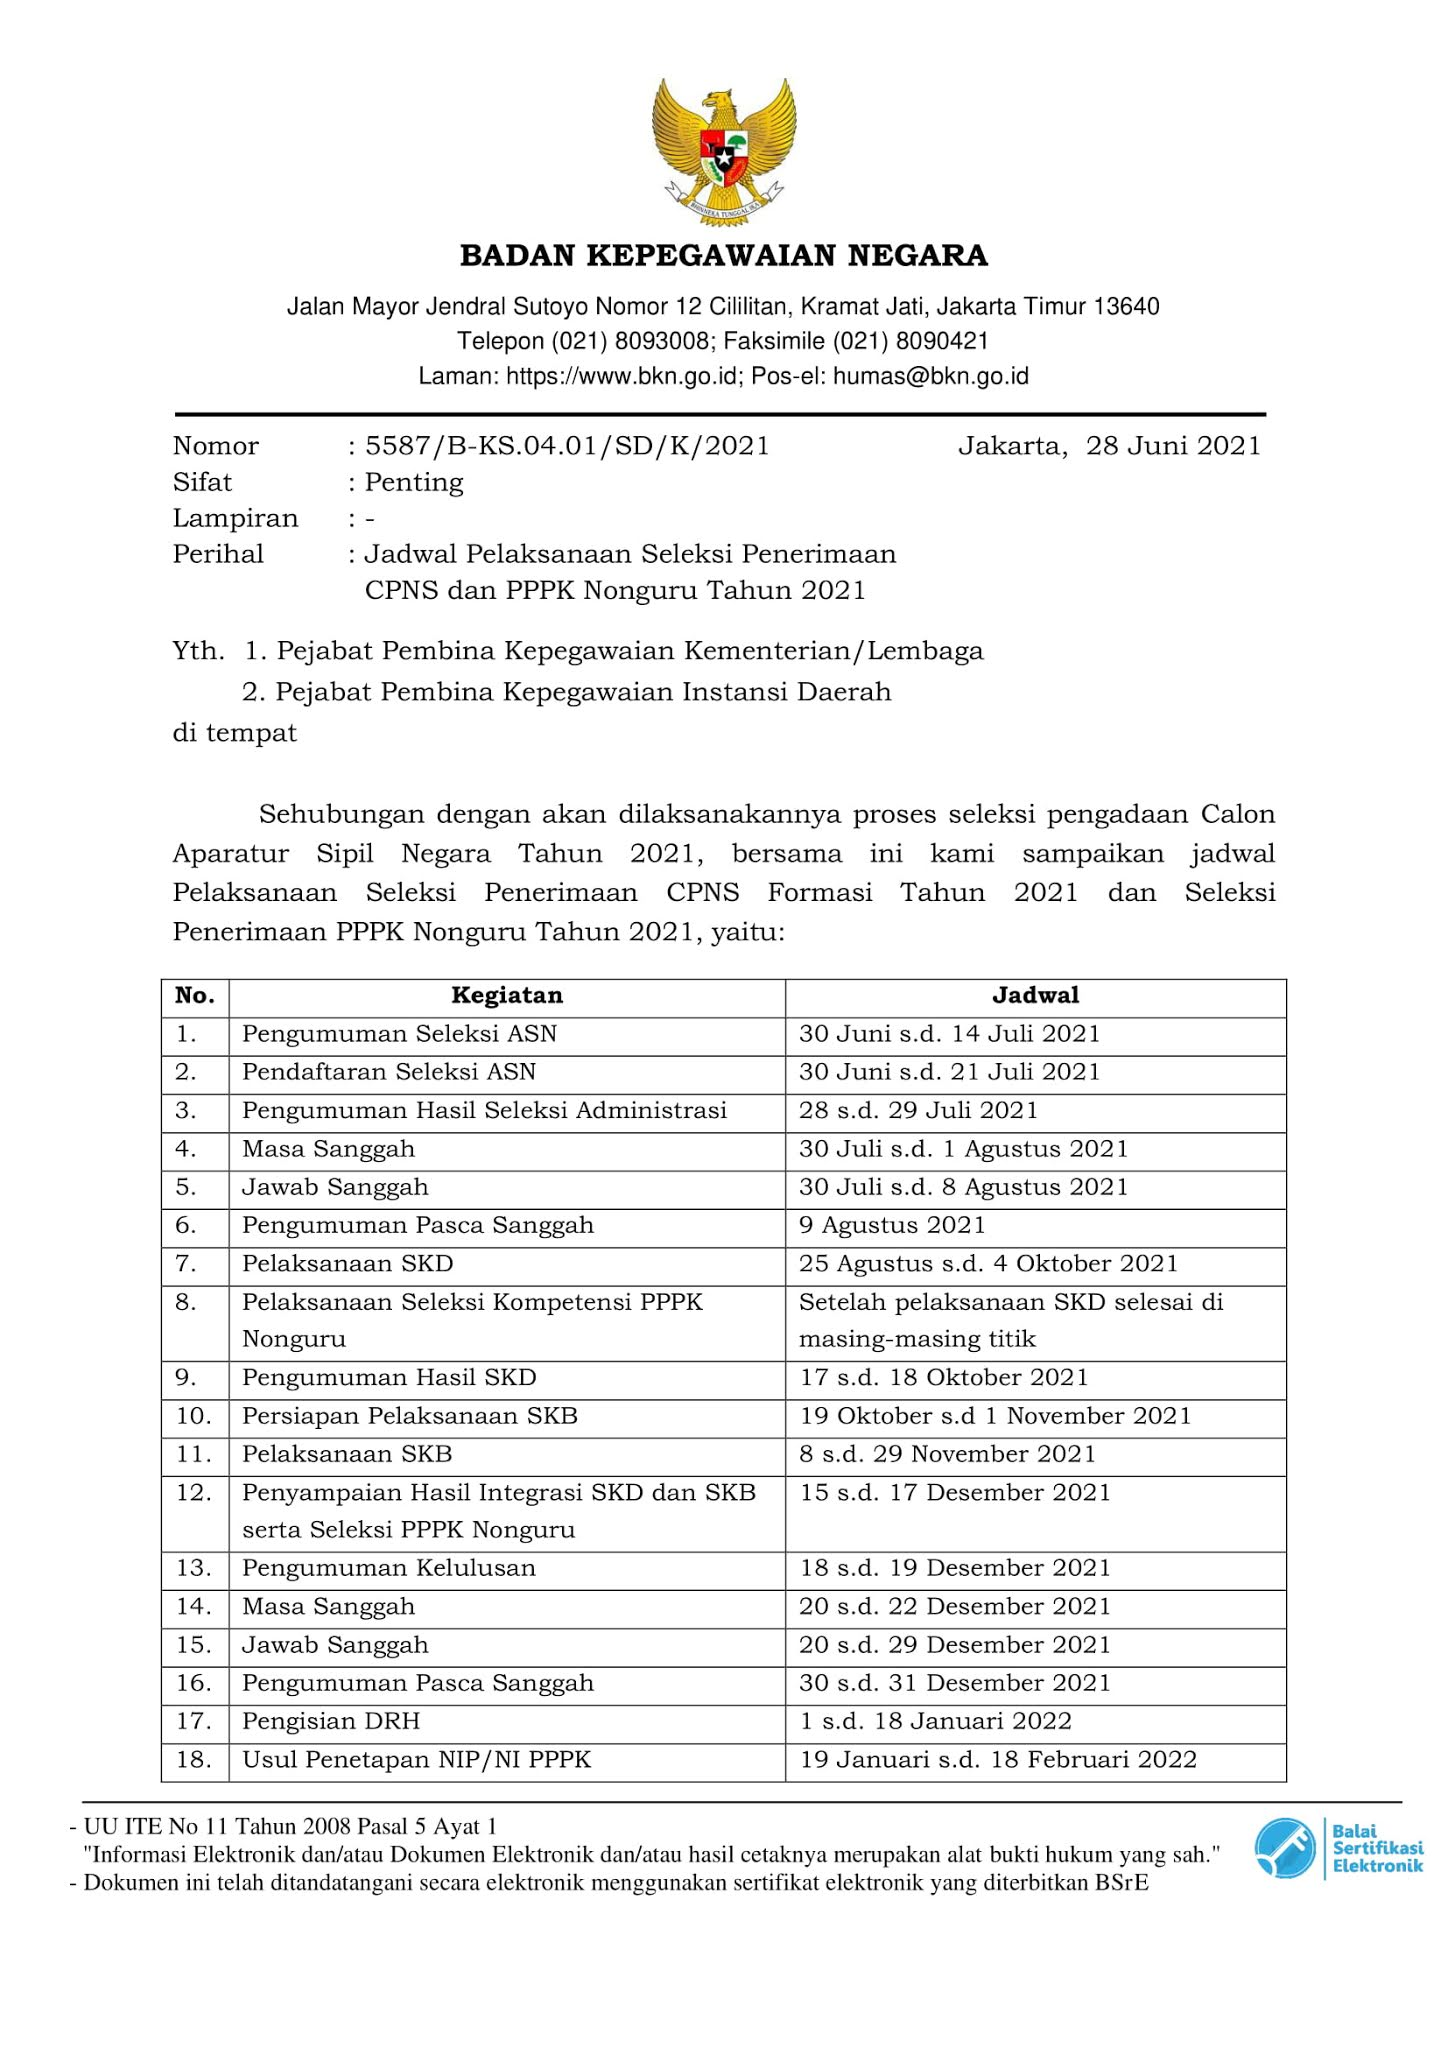 Jadwal Pelaksanaan Seleksi Penerimaan CPNS dan PPPK Tahun 2021